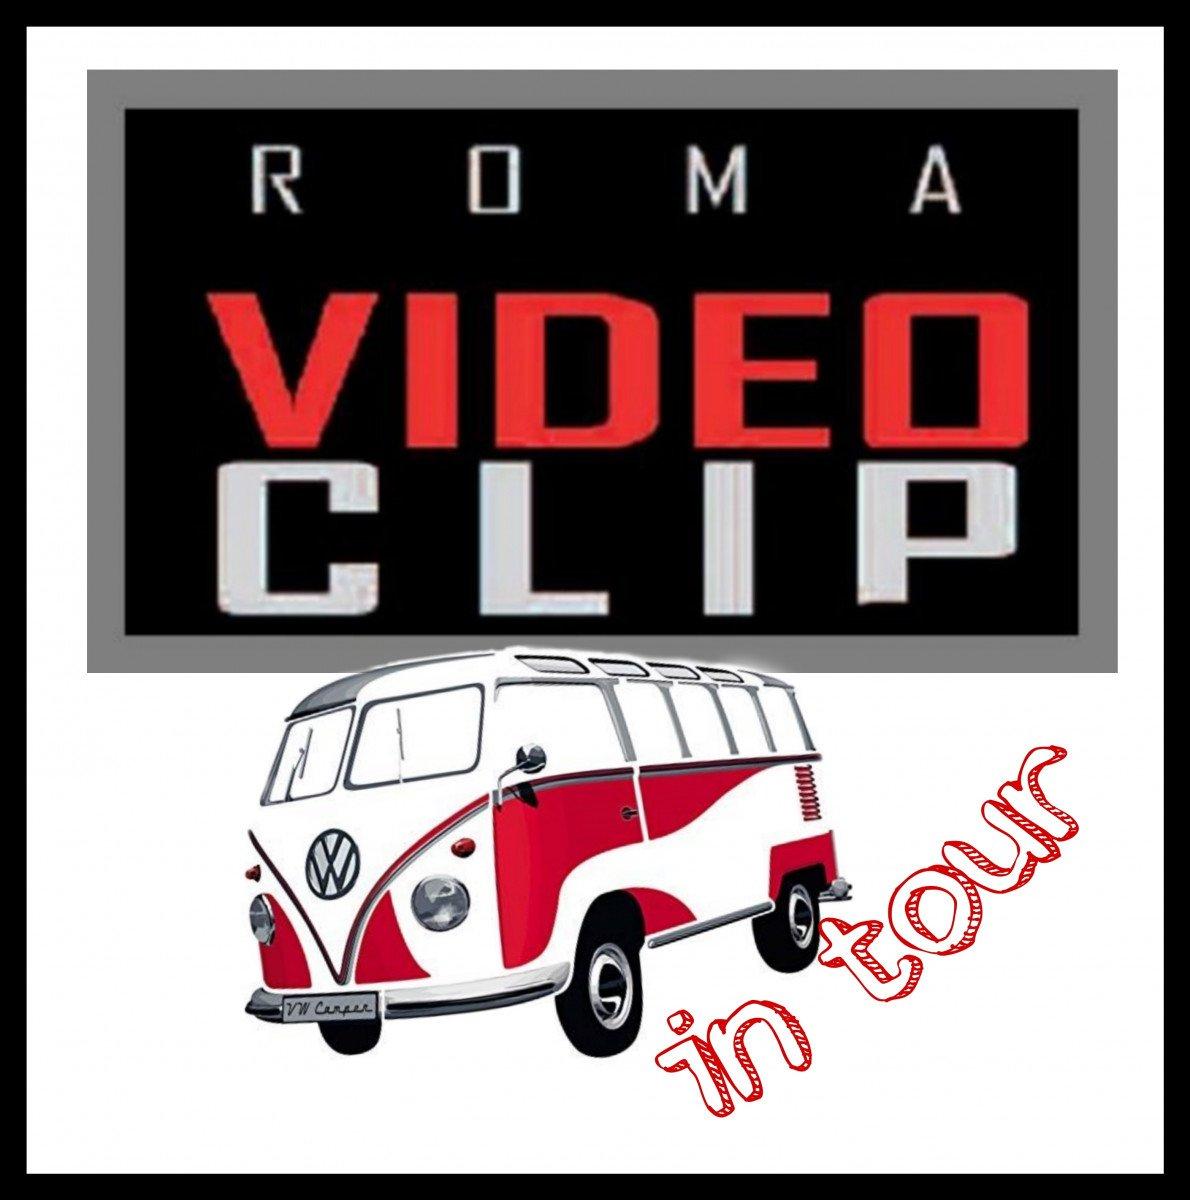 Roma videoclip in tour